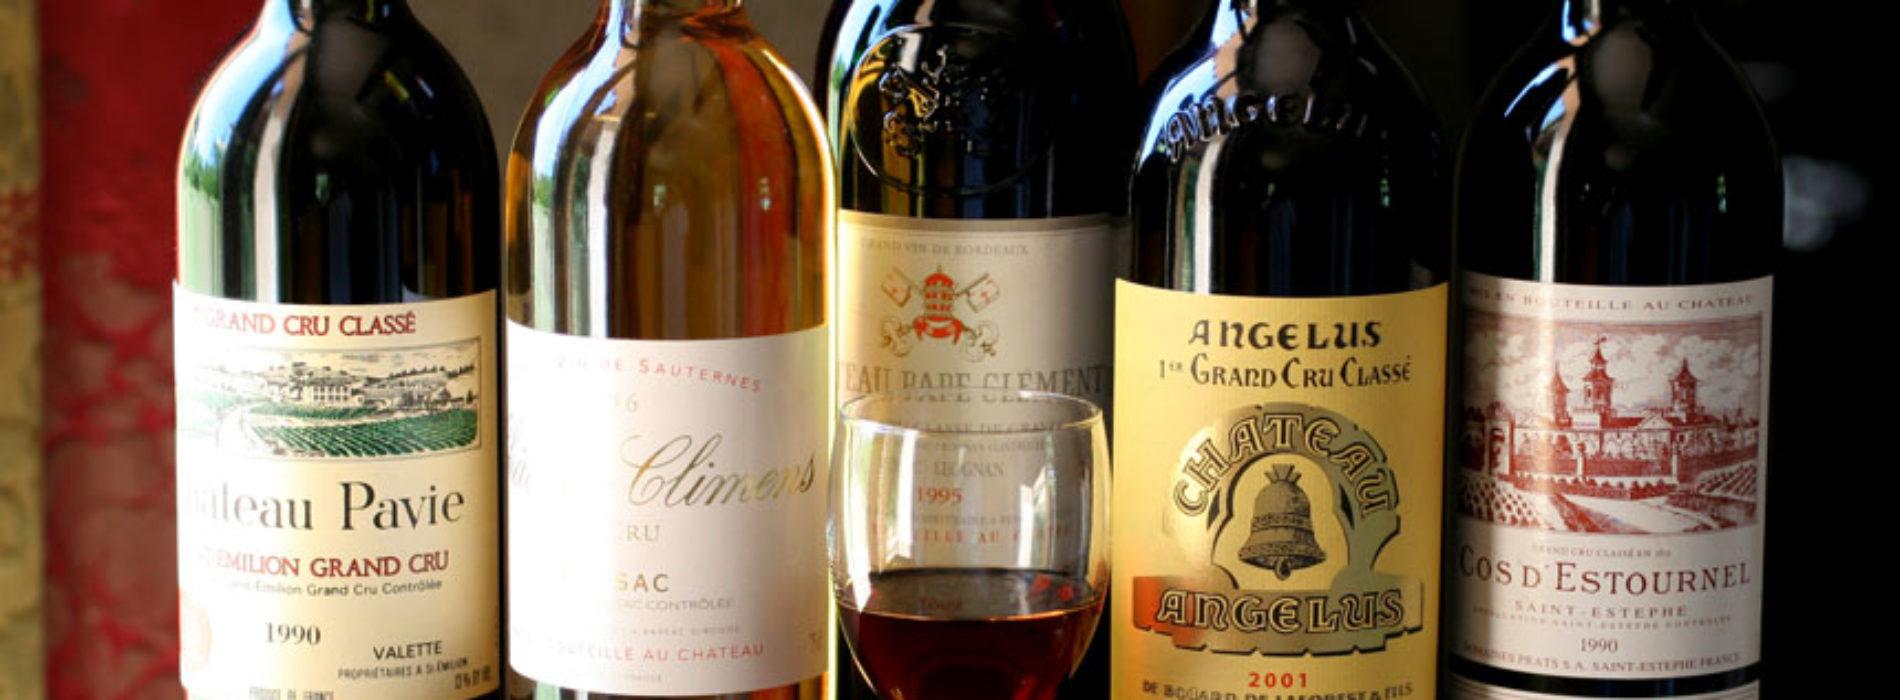 Polscy producenci wytwarzają coraz lepsze jakościowo wina mogące konkurować na europejskim rynku